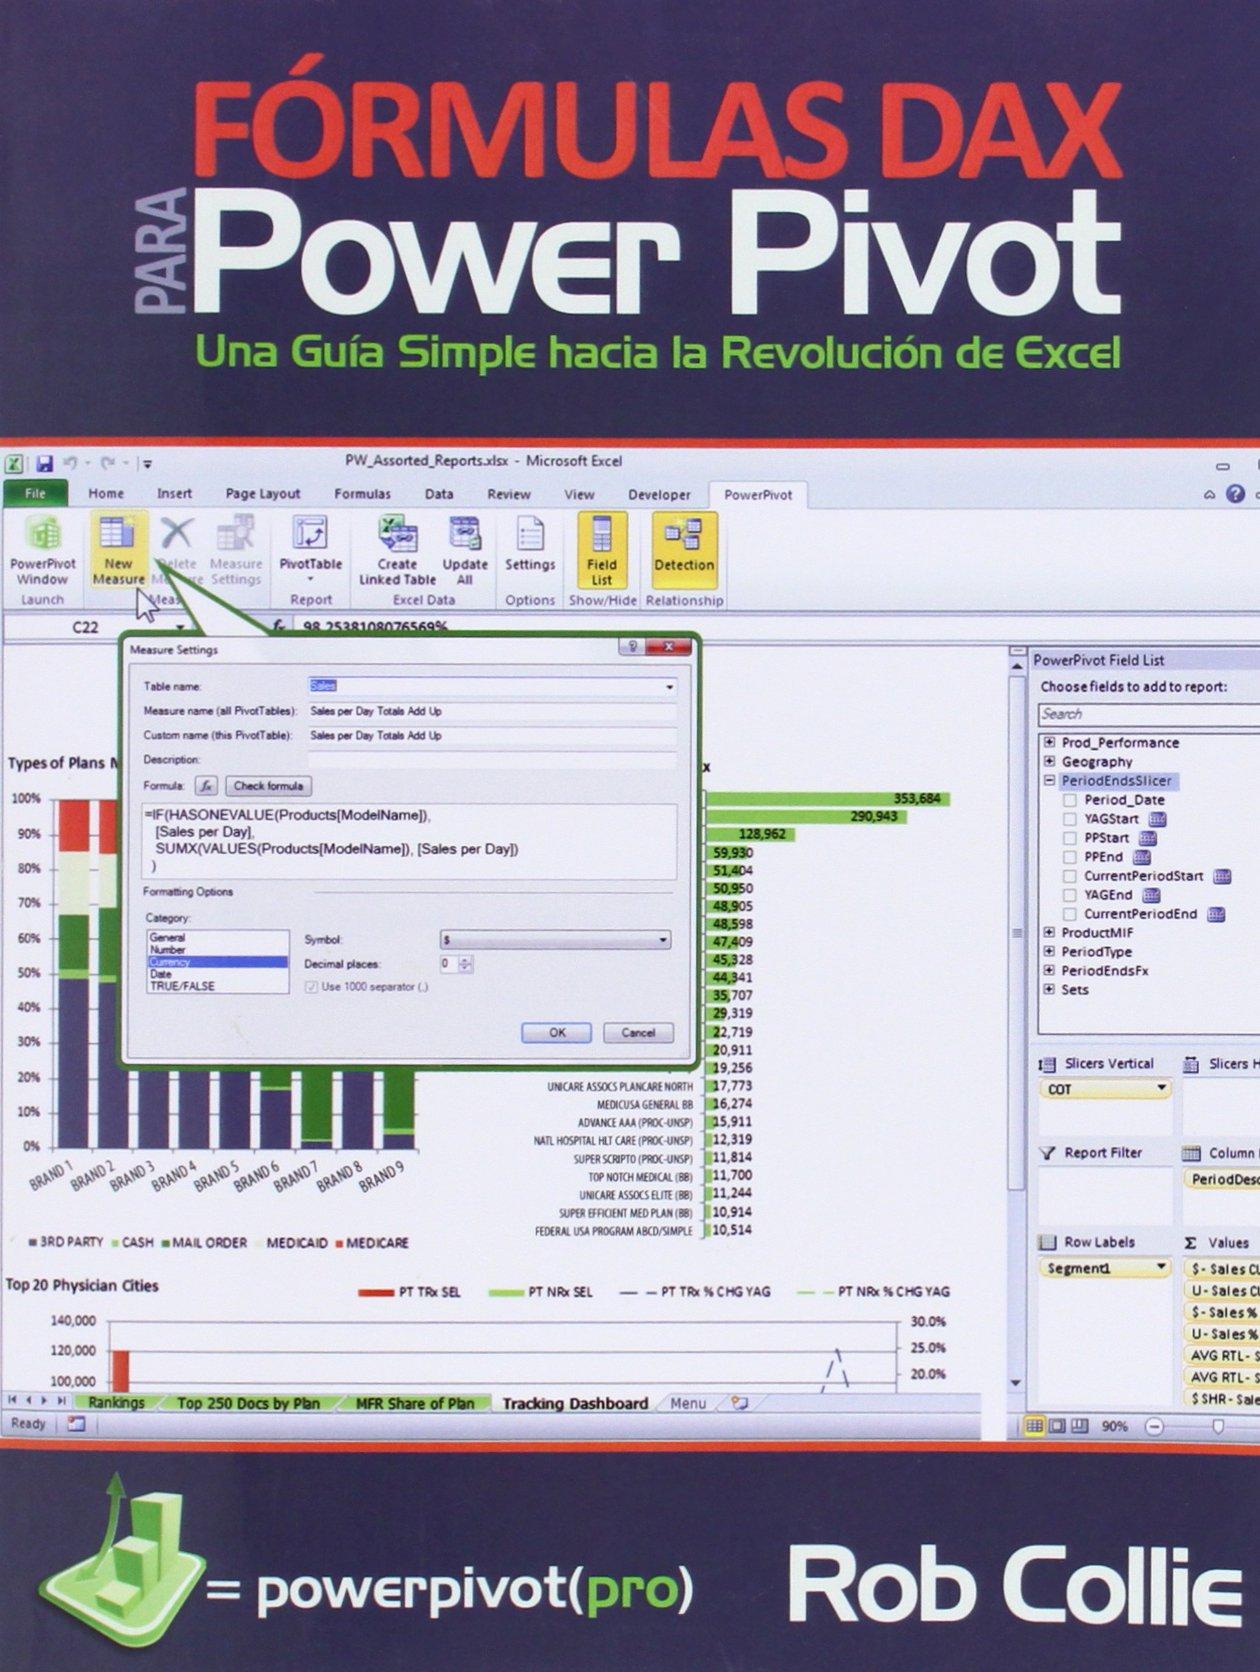 Formulas Dax Para Power Pivot: Una Guia Simple Hacia la Revolucion de Excel Tapa blanda – 29 jul 2014 Rob Collie Miguel Escobar HOLY MACRO PR 1615470298